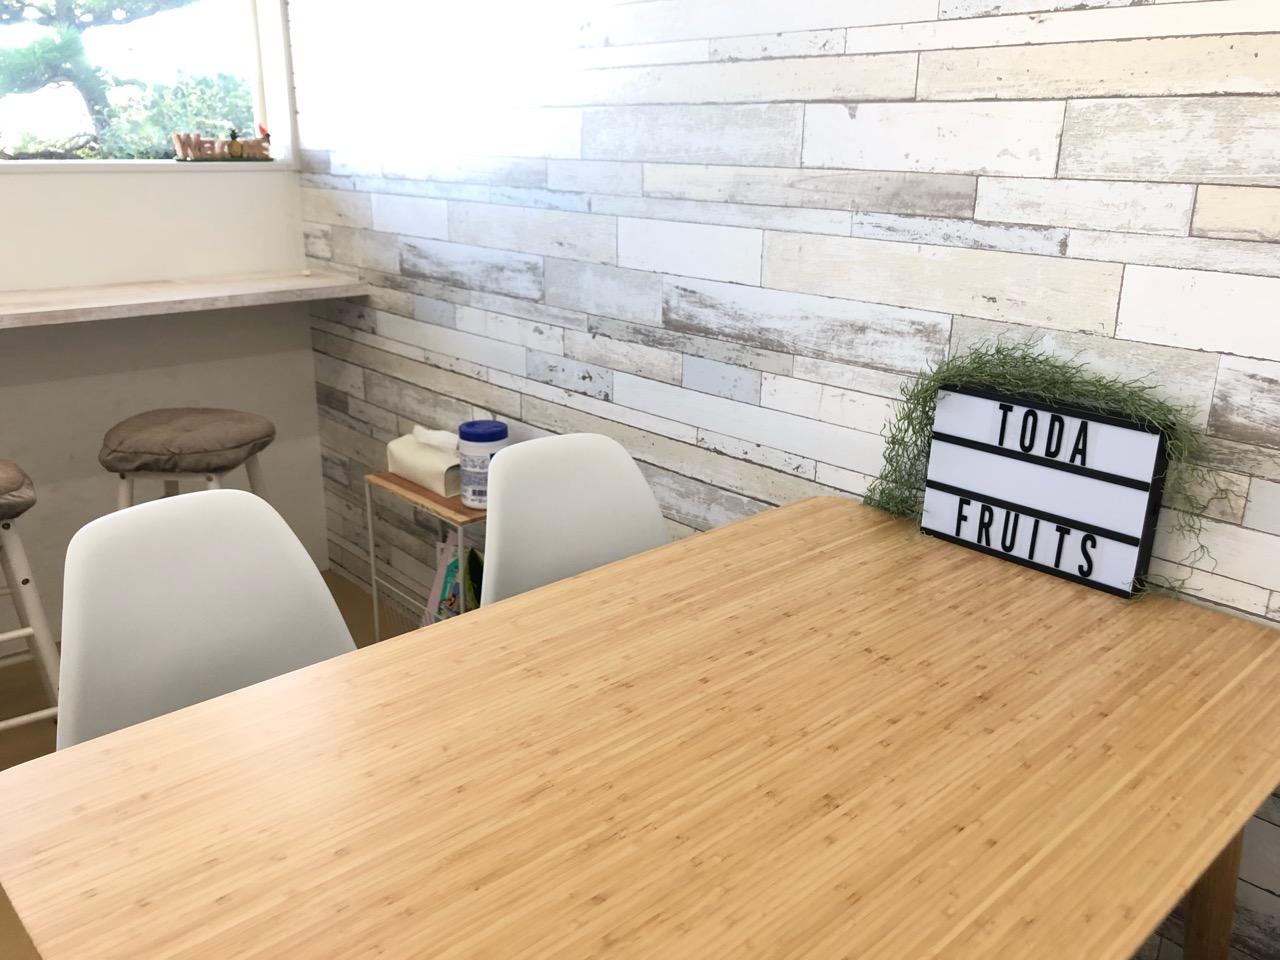 戸田フルーツのジューススタンド